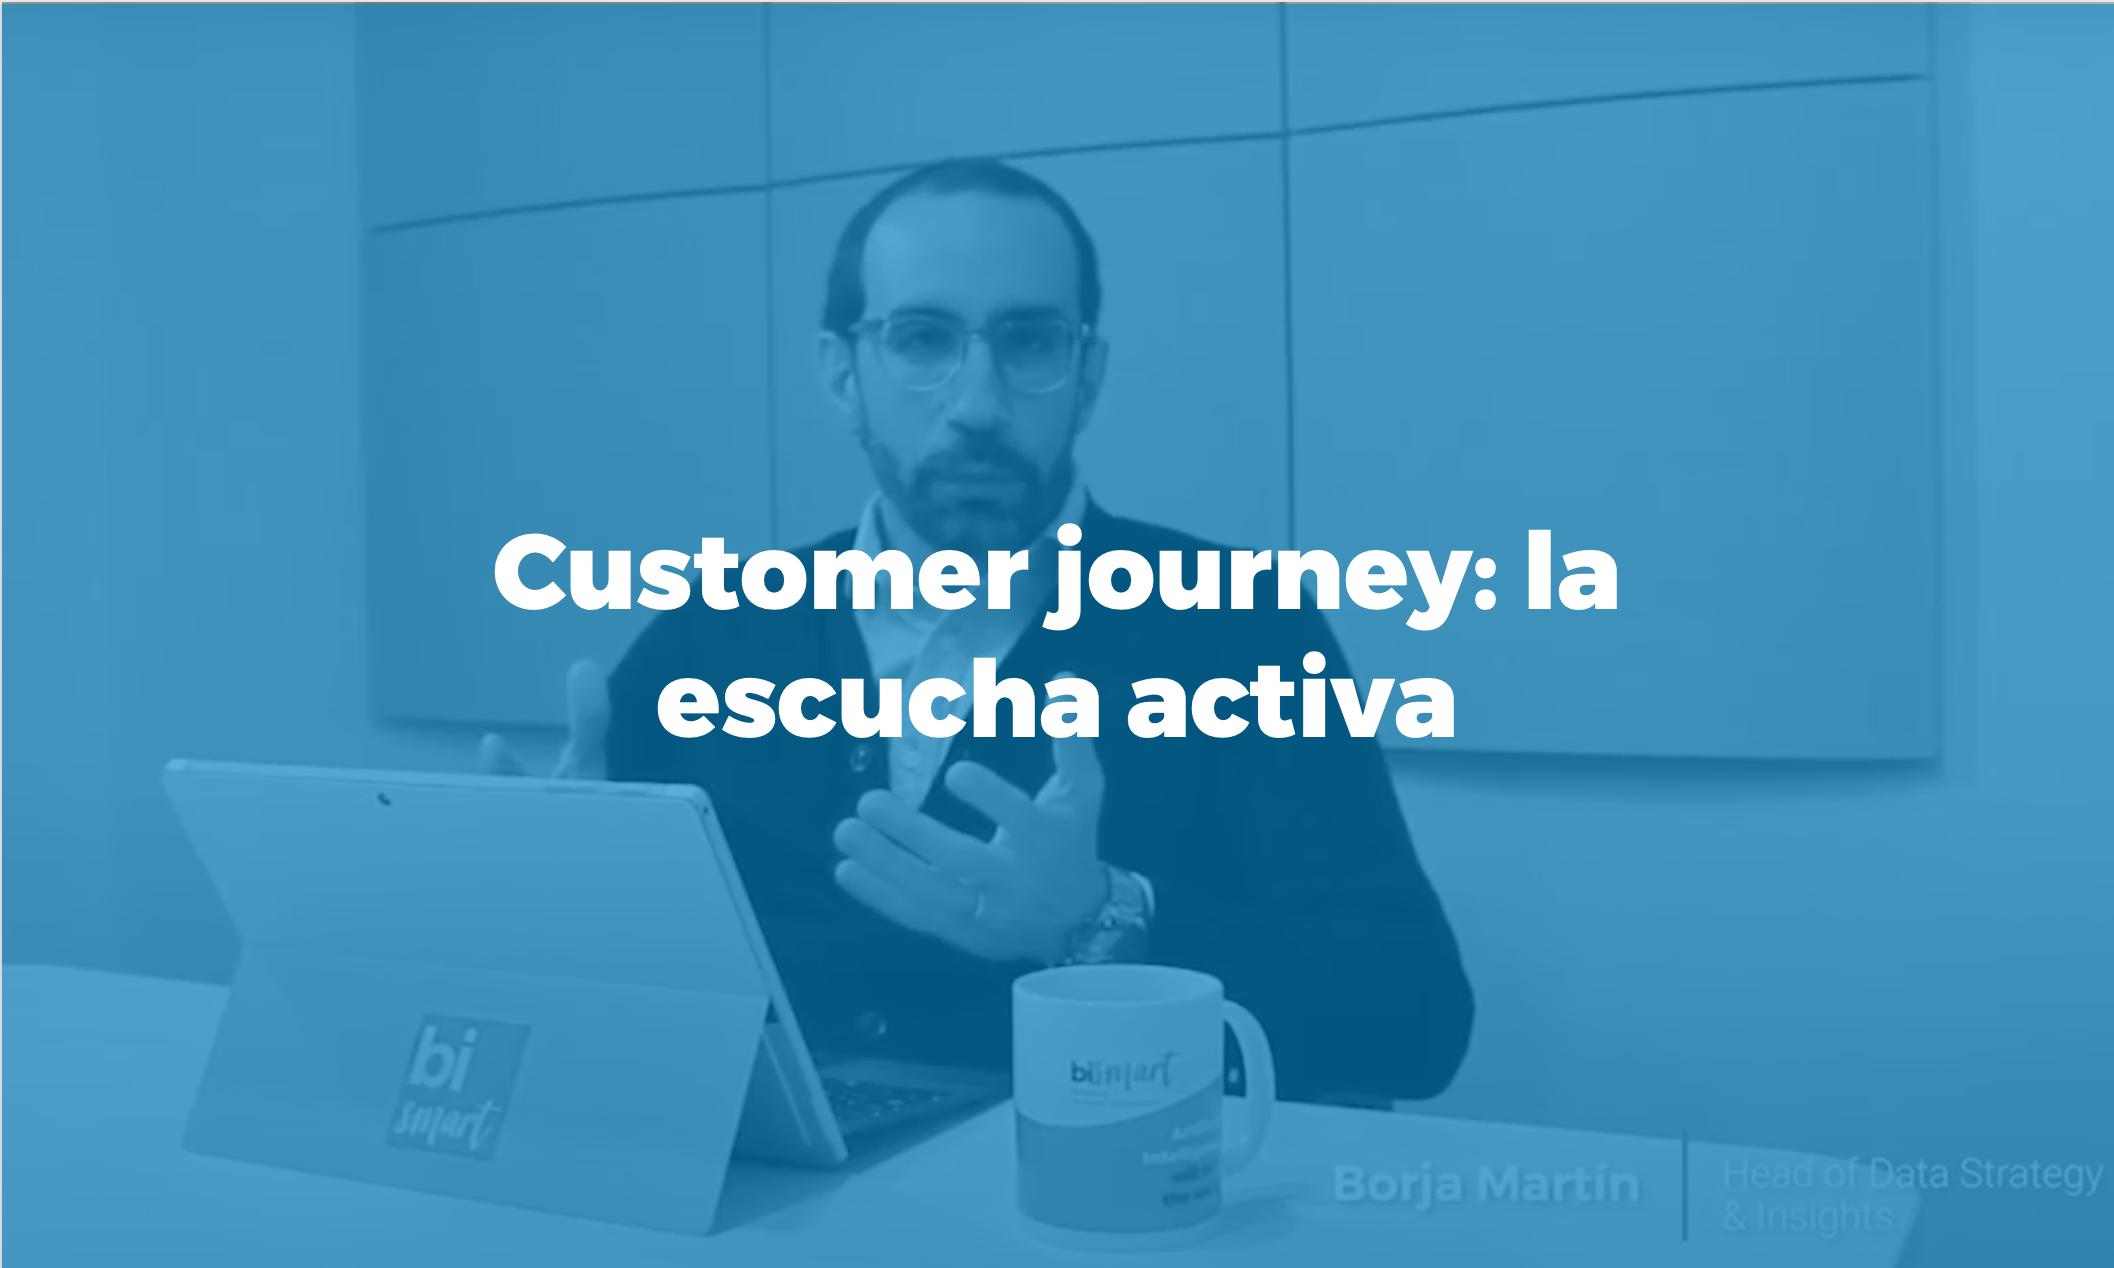 Bismart customer journey la escucha activa